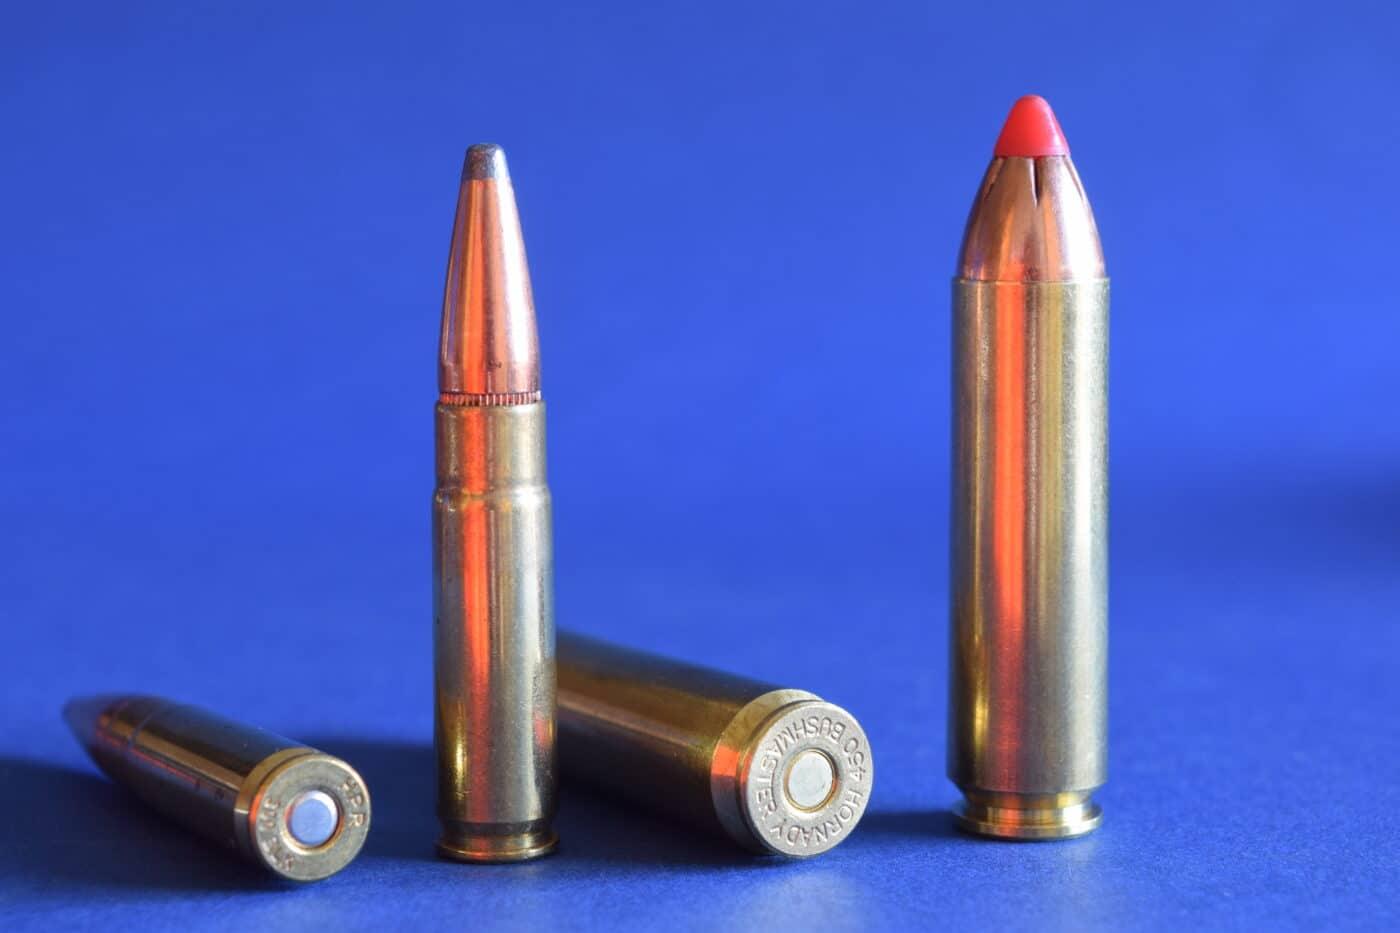 300 BLK vs. 450 Bushmaster